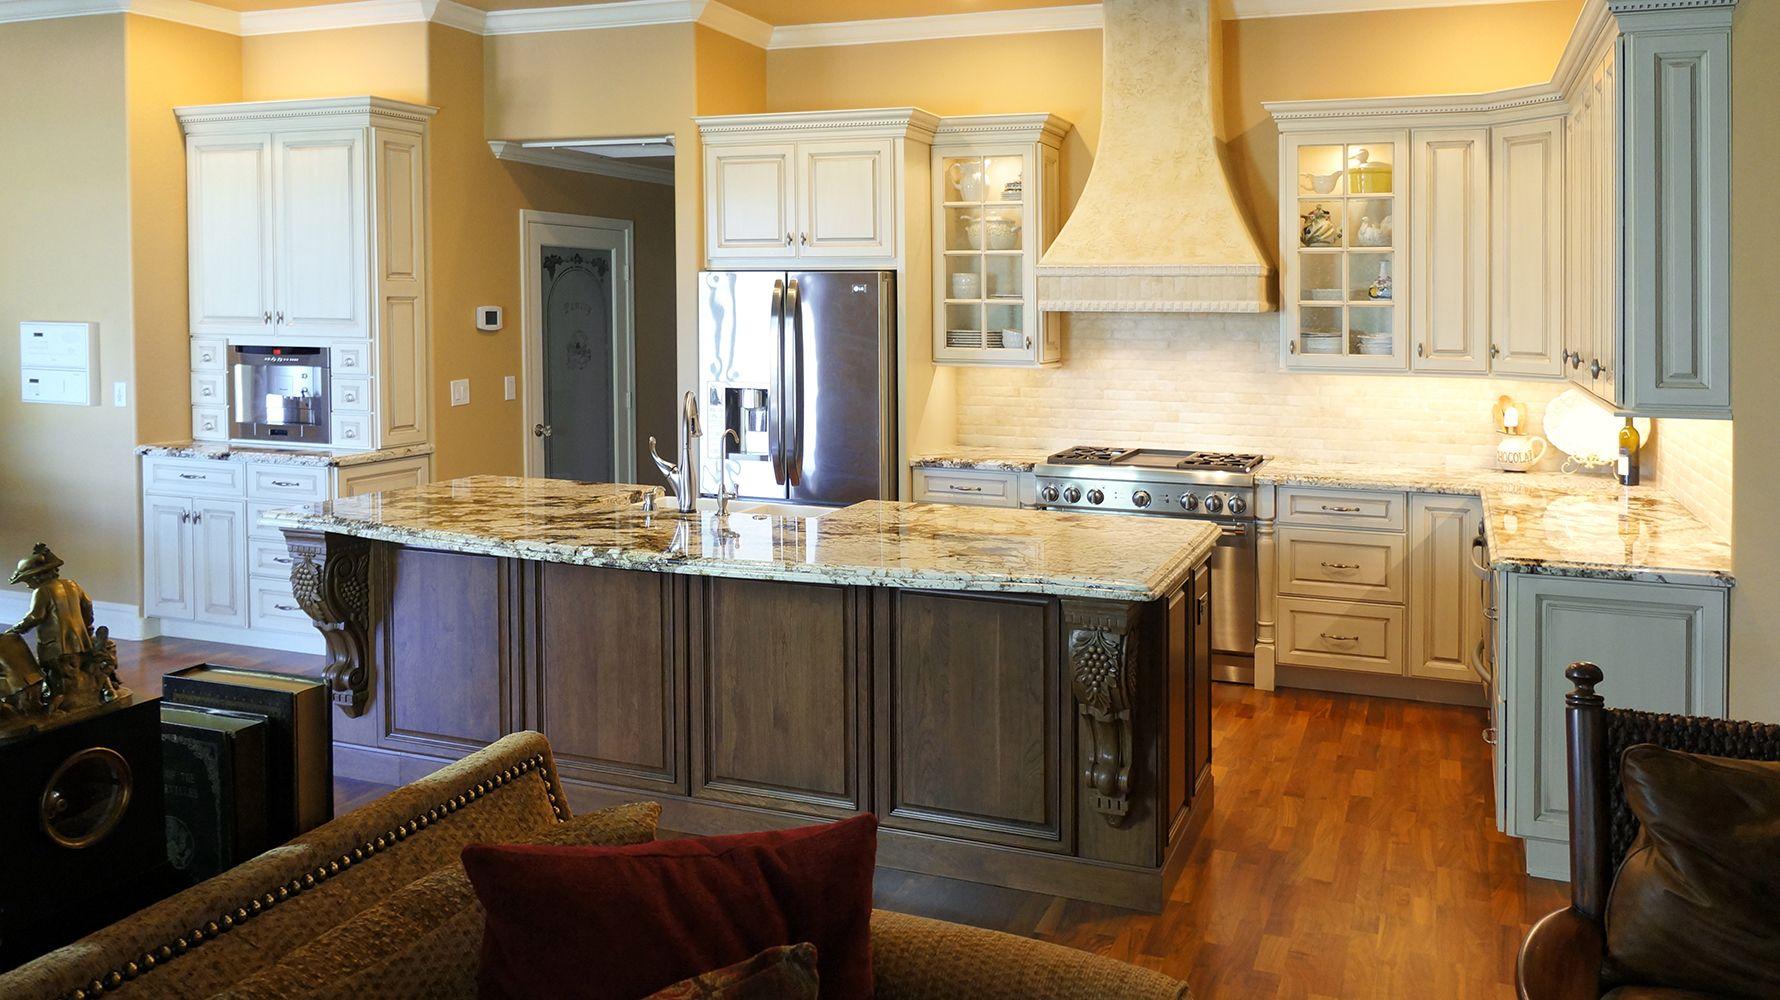 Küche Umbau Küchenumbau, Küche renovieren, Badezimmer